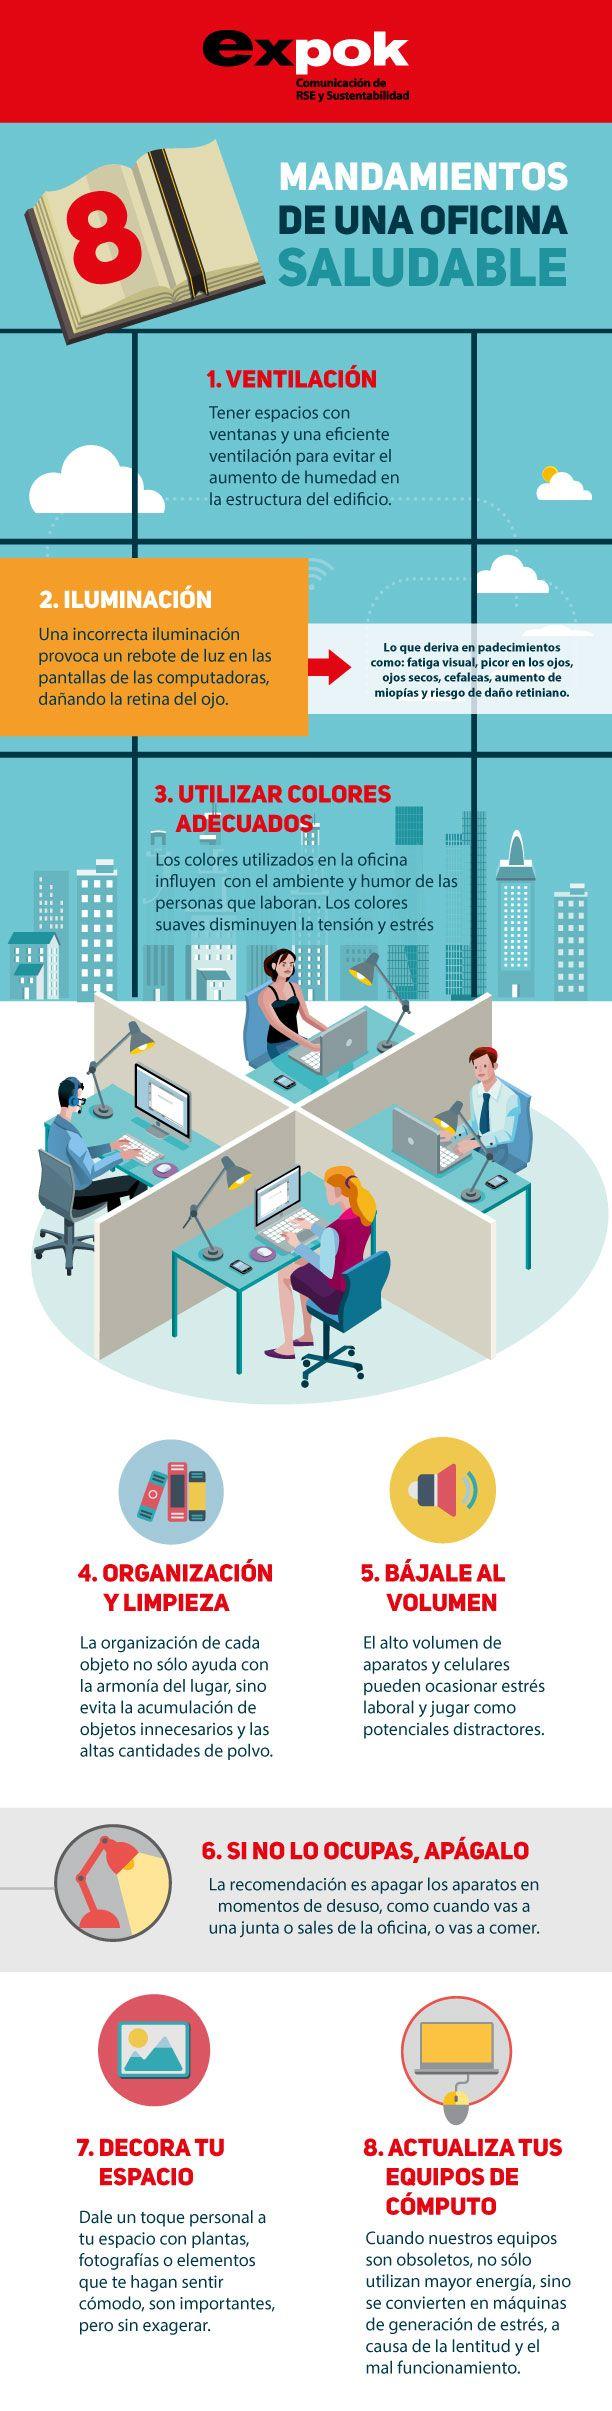 White apron sergio vodanovic english - Alto Nivel Refiere Algunos Mandamientos De Una Empresa Para Ofrecer A Sus Colaboradores Una Oficina De